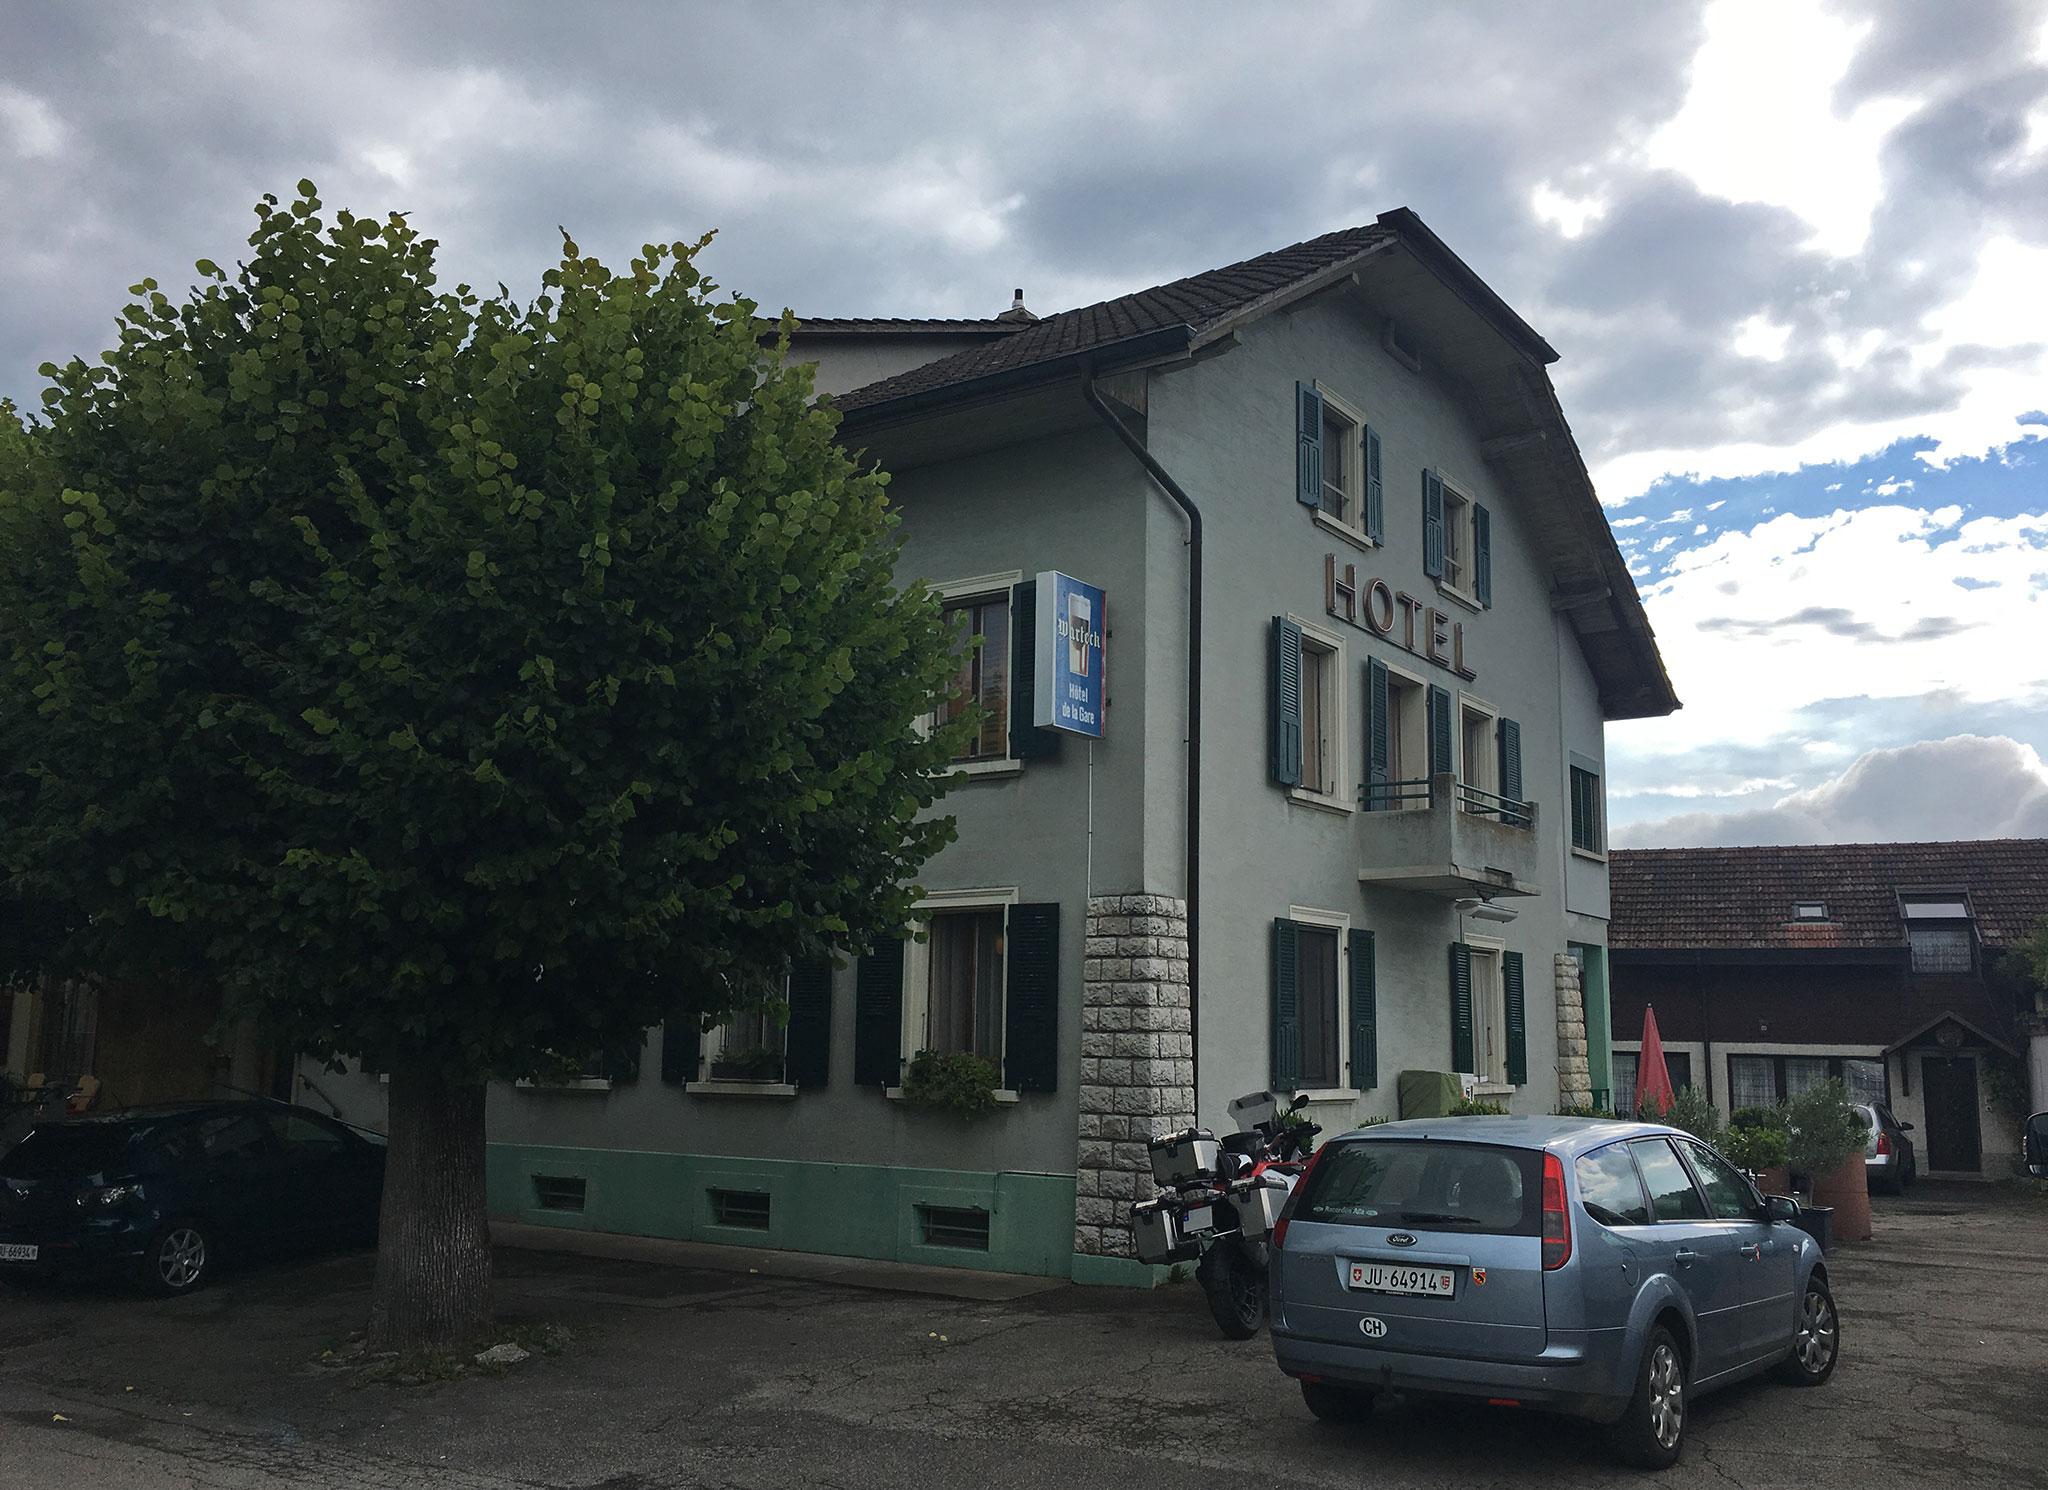 Hotel de la Gare in Vendlincourt, local restaurant, waterhole/pub